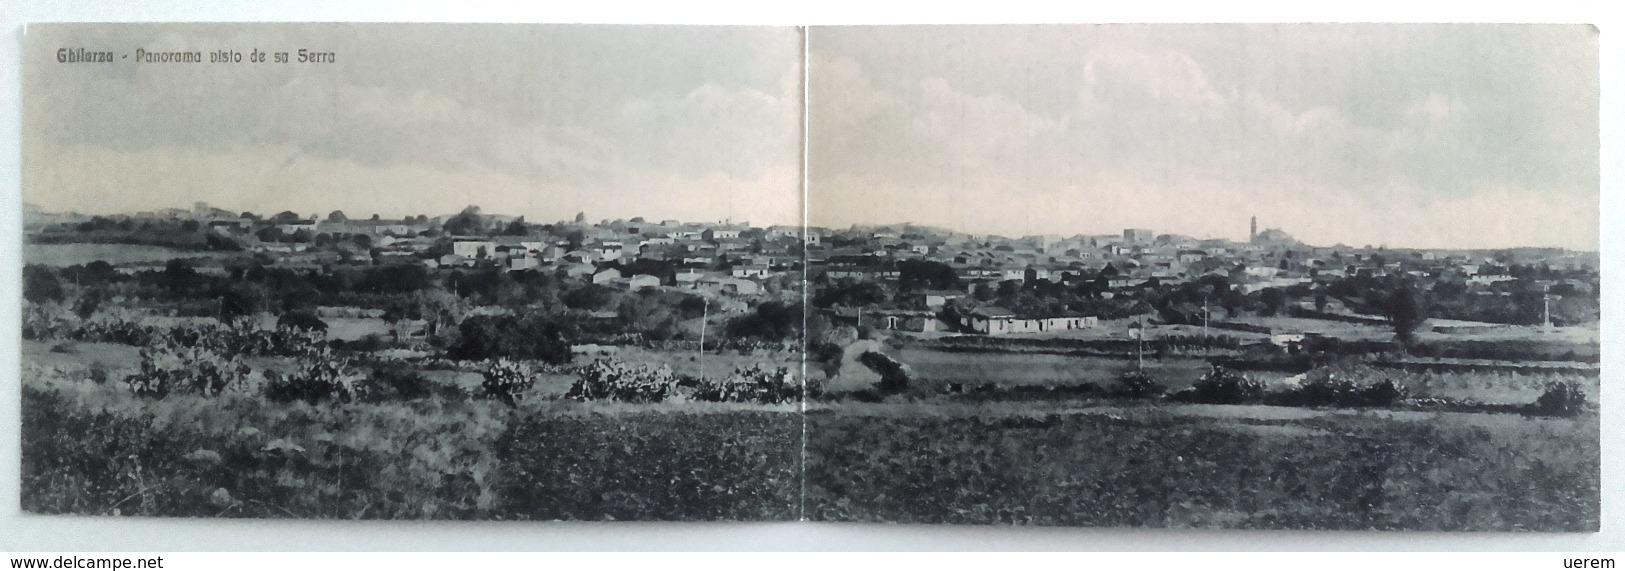 SARDEGNA - ORISTANO - GHILARZA PANORAMA VISTO DA SA SERRA Formato Doppio Viaggiata Nel 1935 - Condizioni Buone Euro 25,0 - Oristano